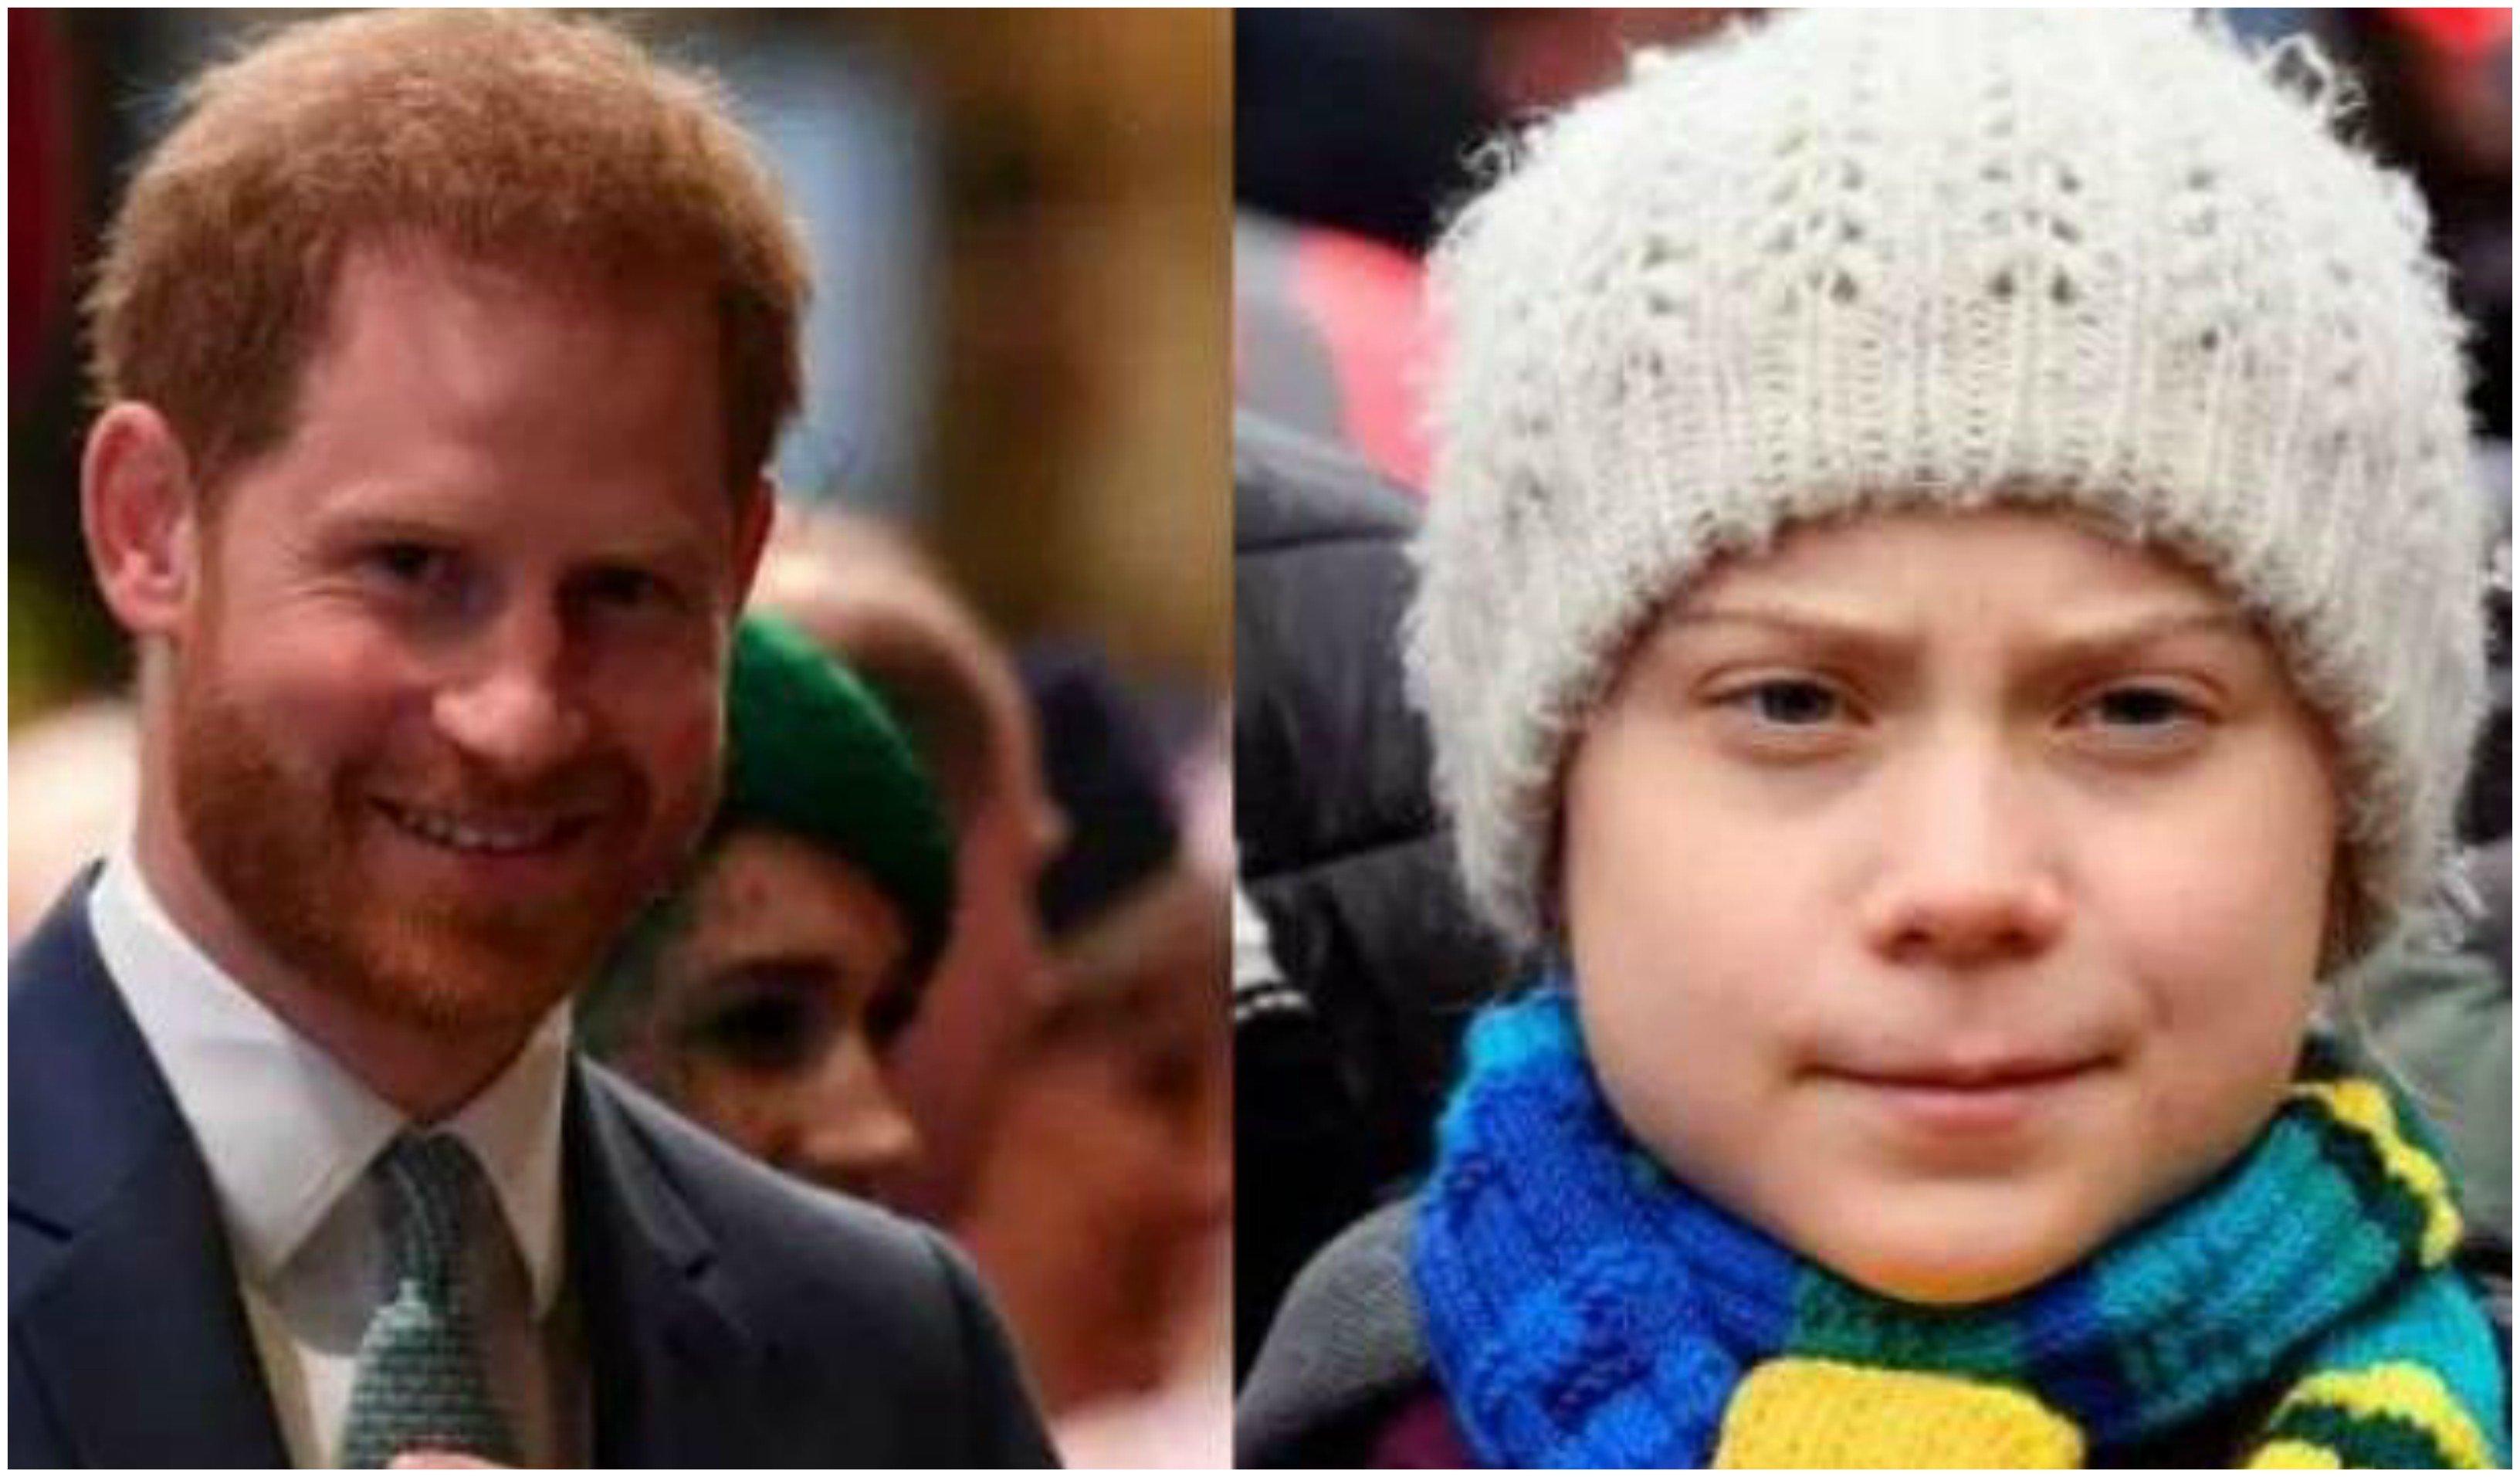 El príncipe Harry cae en la trampa de dos humoristas que se hacen pasar por Greta Thunberg y le pillan criticando a Trump